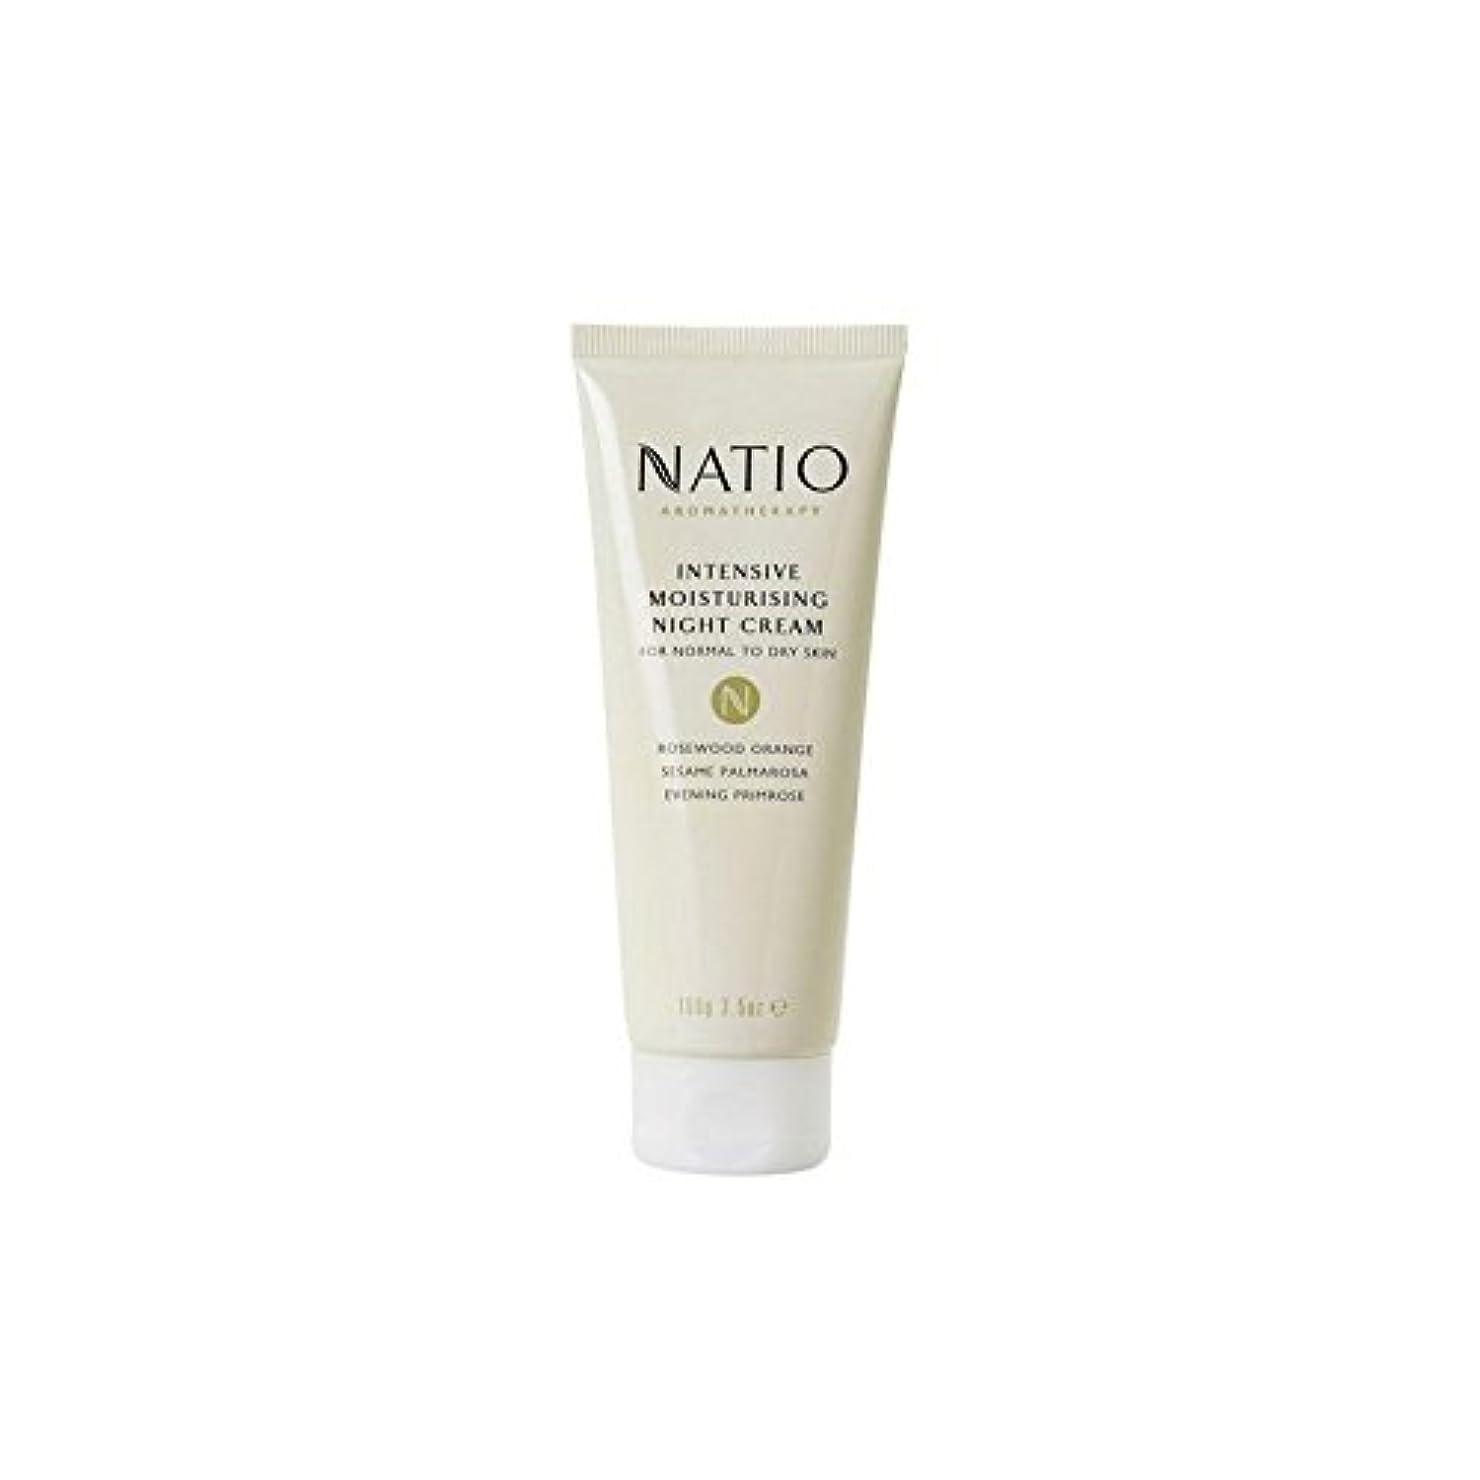 フリンジはがき衣類Natio Intensive Moisturising Night Cream (100G) (Pack of 6) - 集中的な保湿ナイトクリーム(100グラム) x6 [並行輸入品]